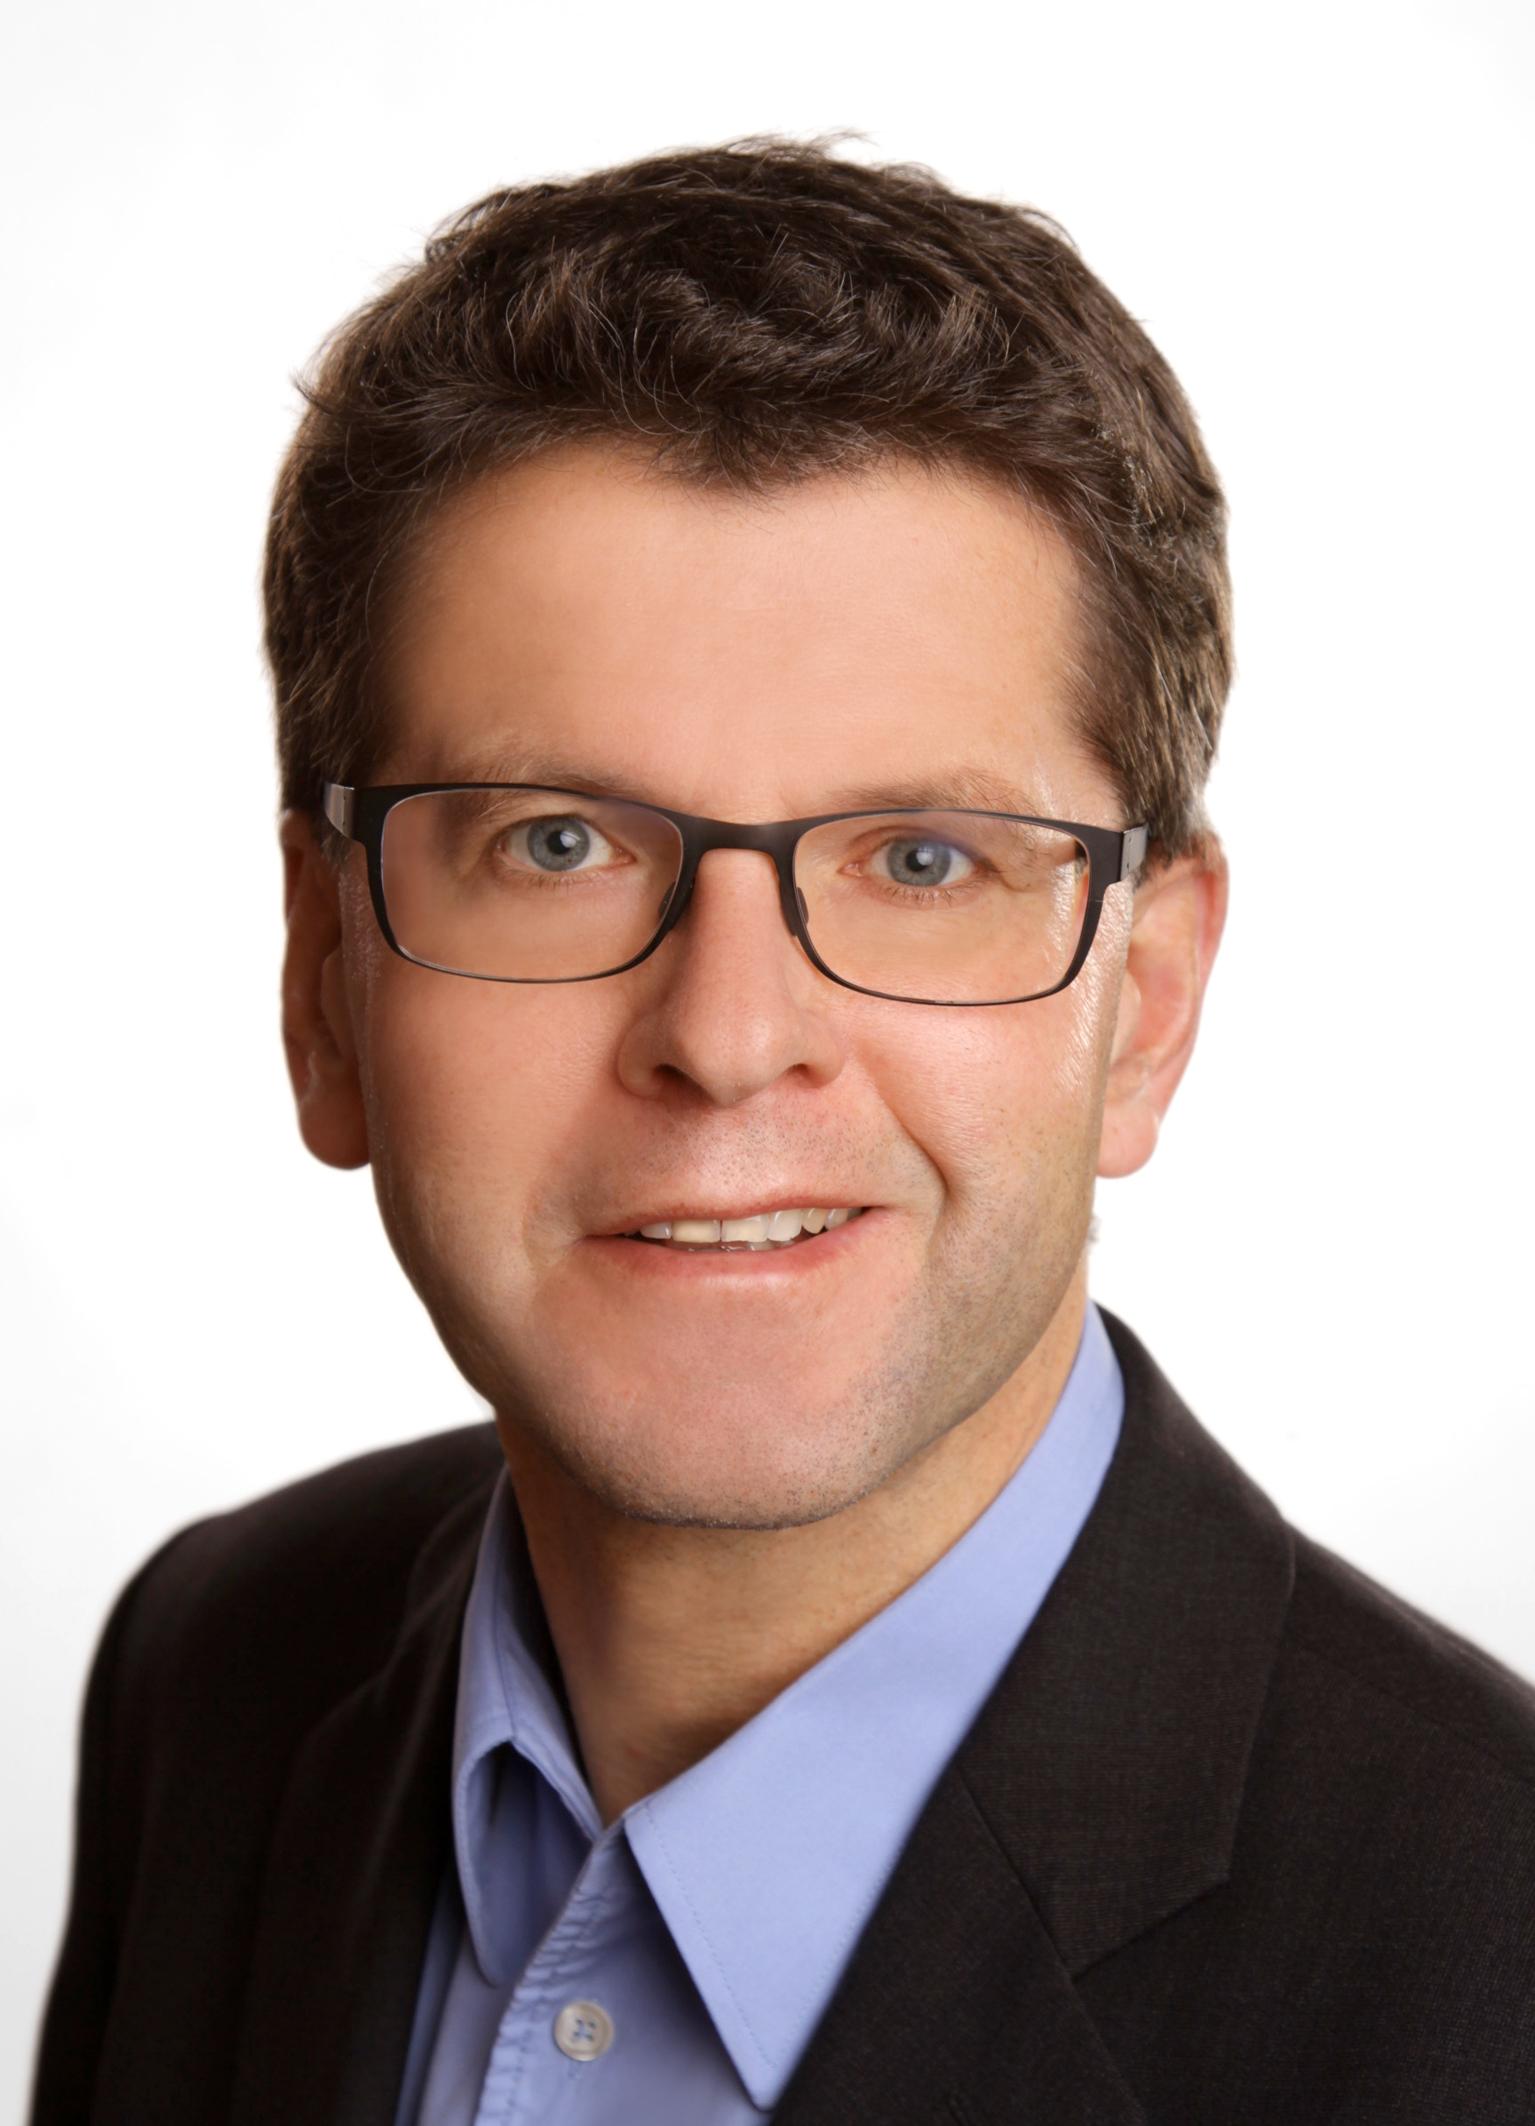 Dr. Chritoph Wolk, Mitglied im VBE Landesvorstand